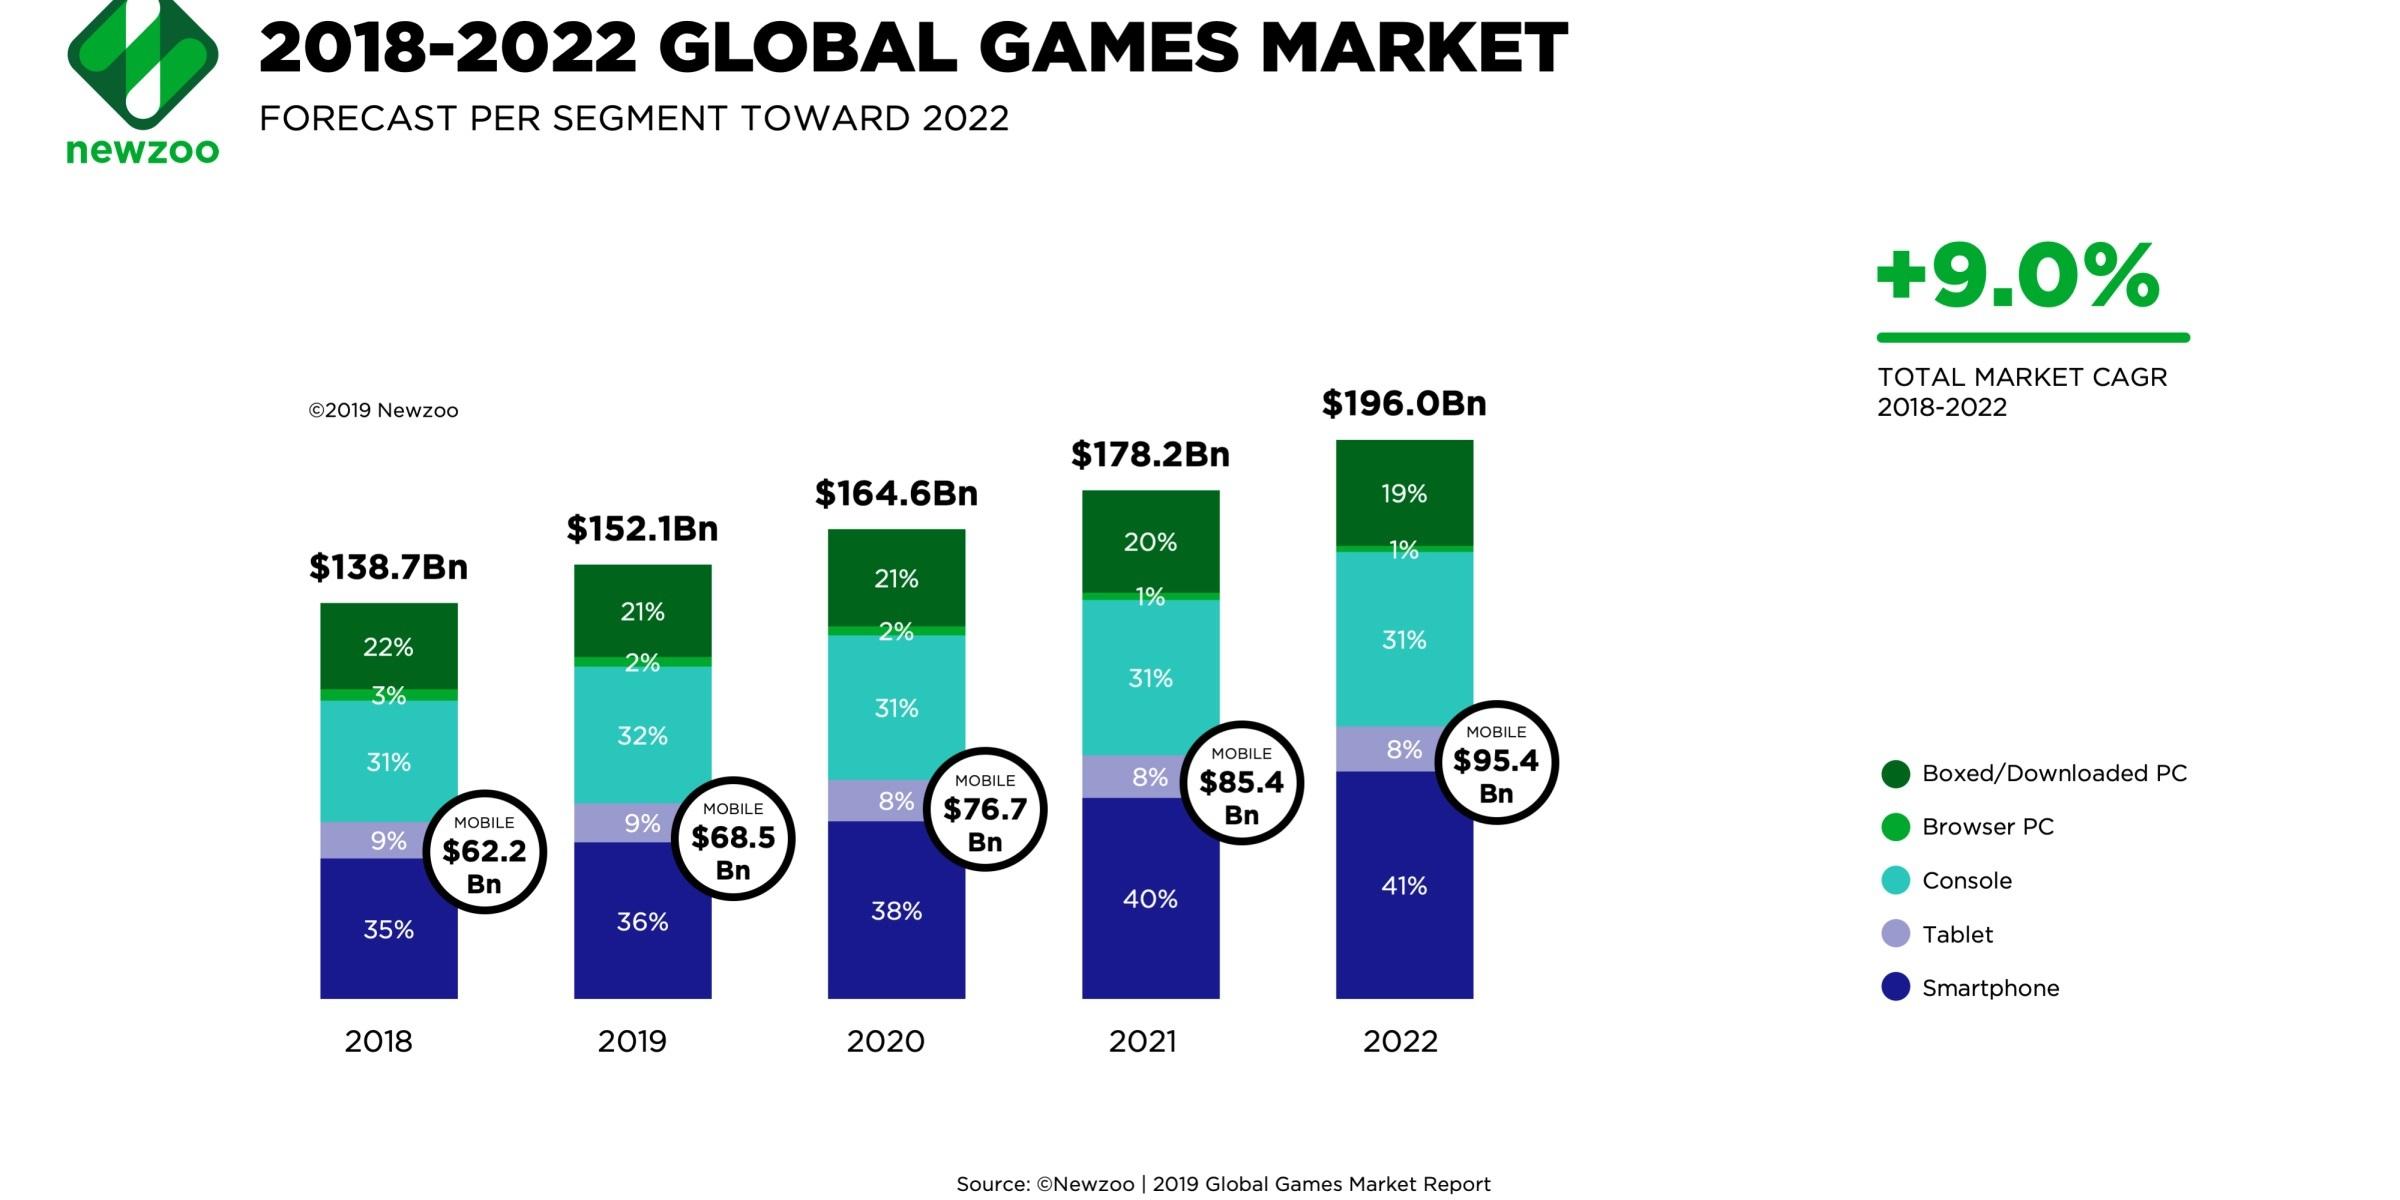 newzoo-global-games-mcwjw1.jpg